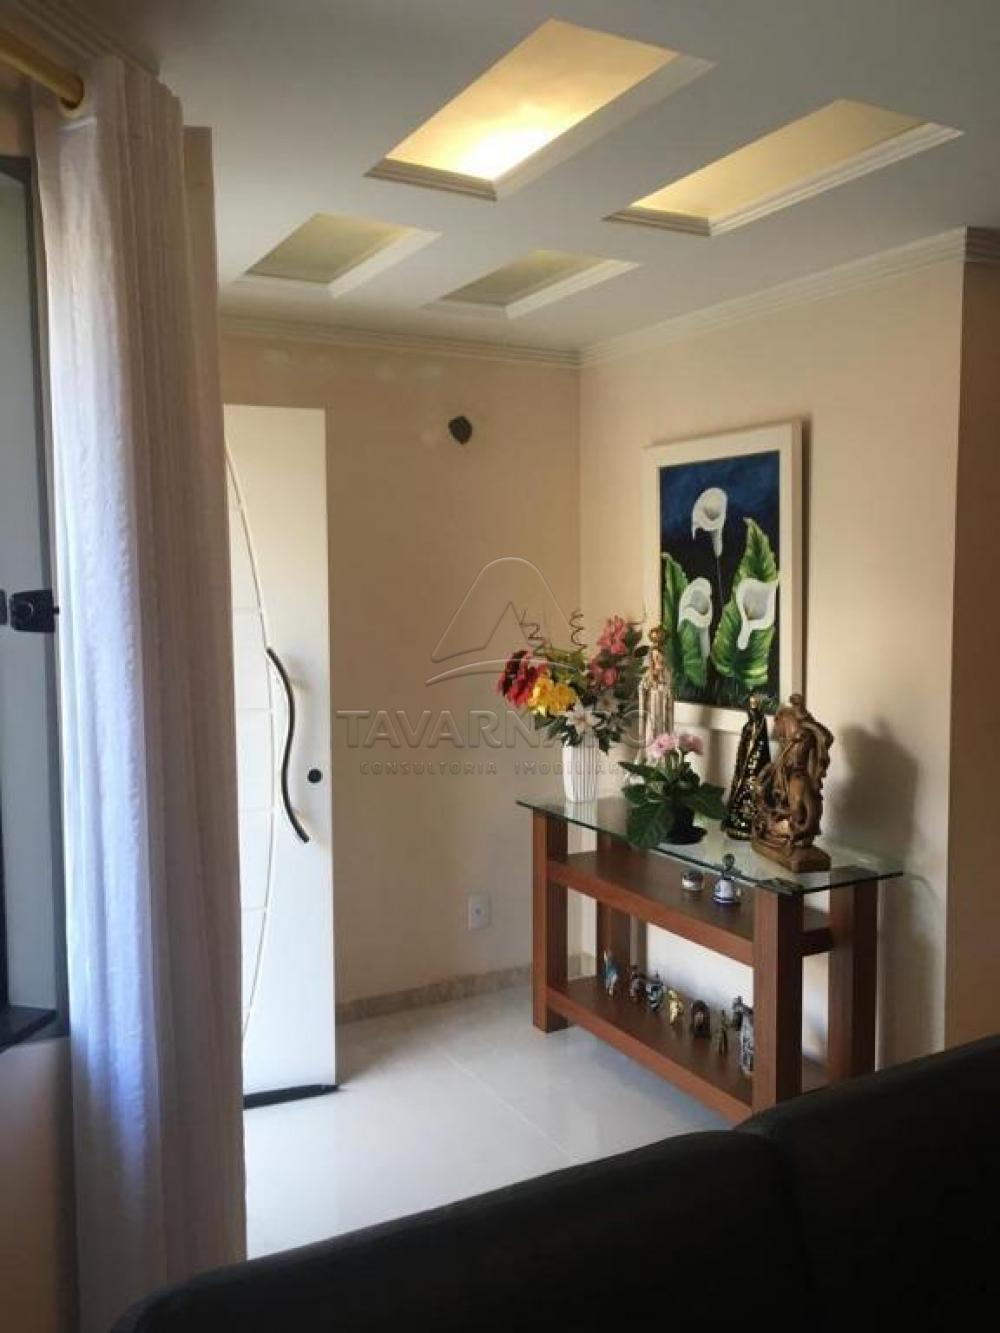 Comprar Casa / Sobrado em Ponta Grossa apenas R$ 765.000,00 - Foto 5